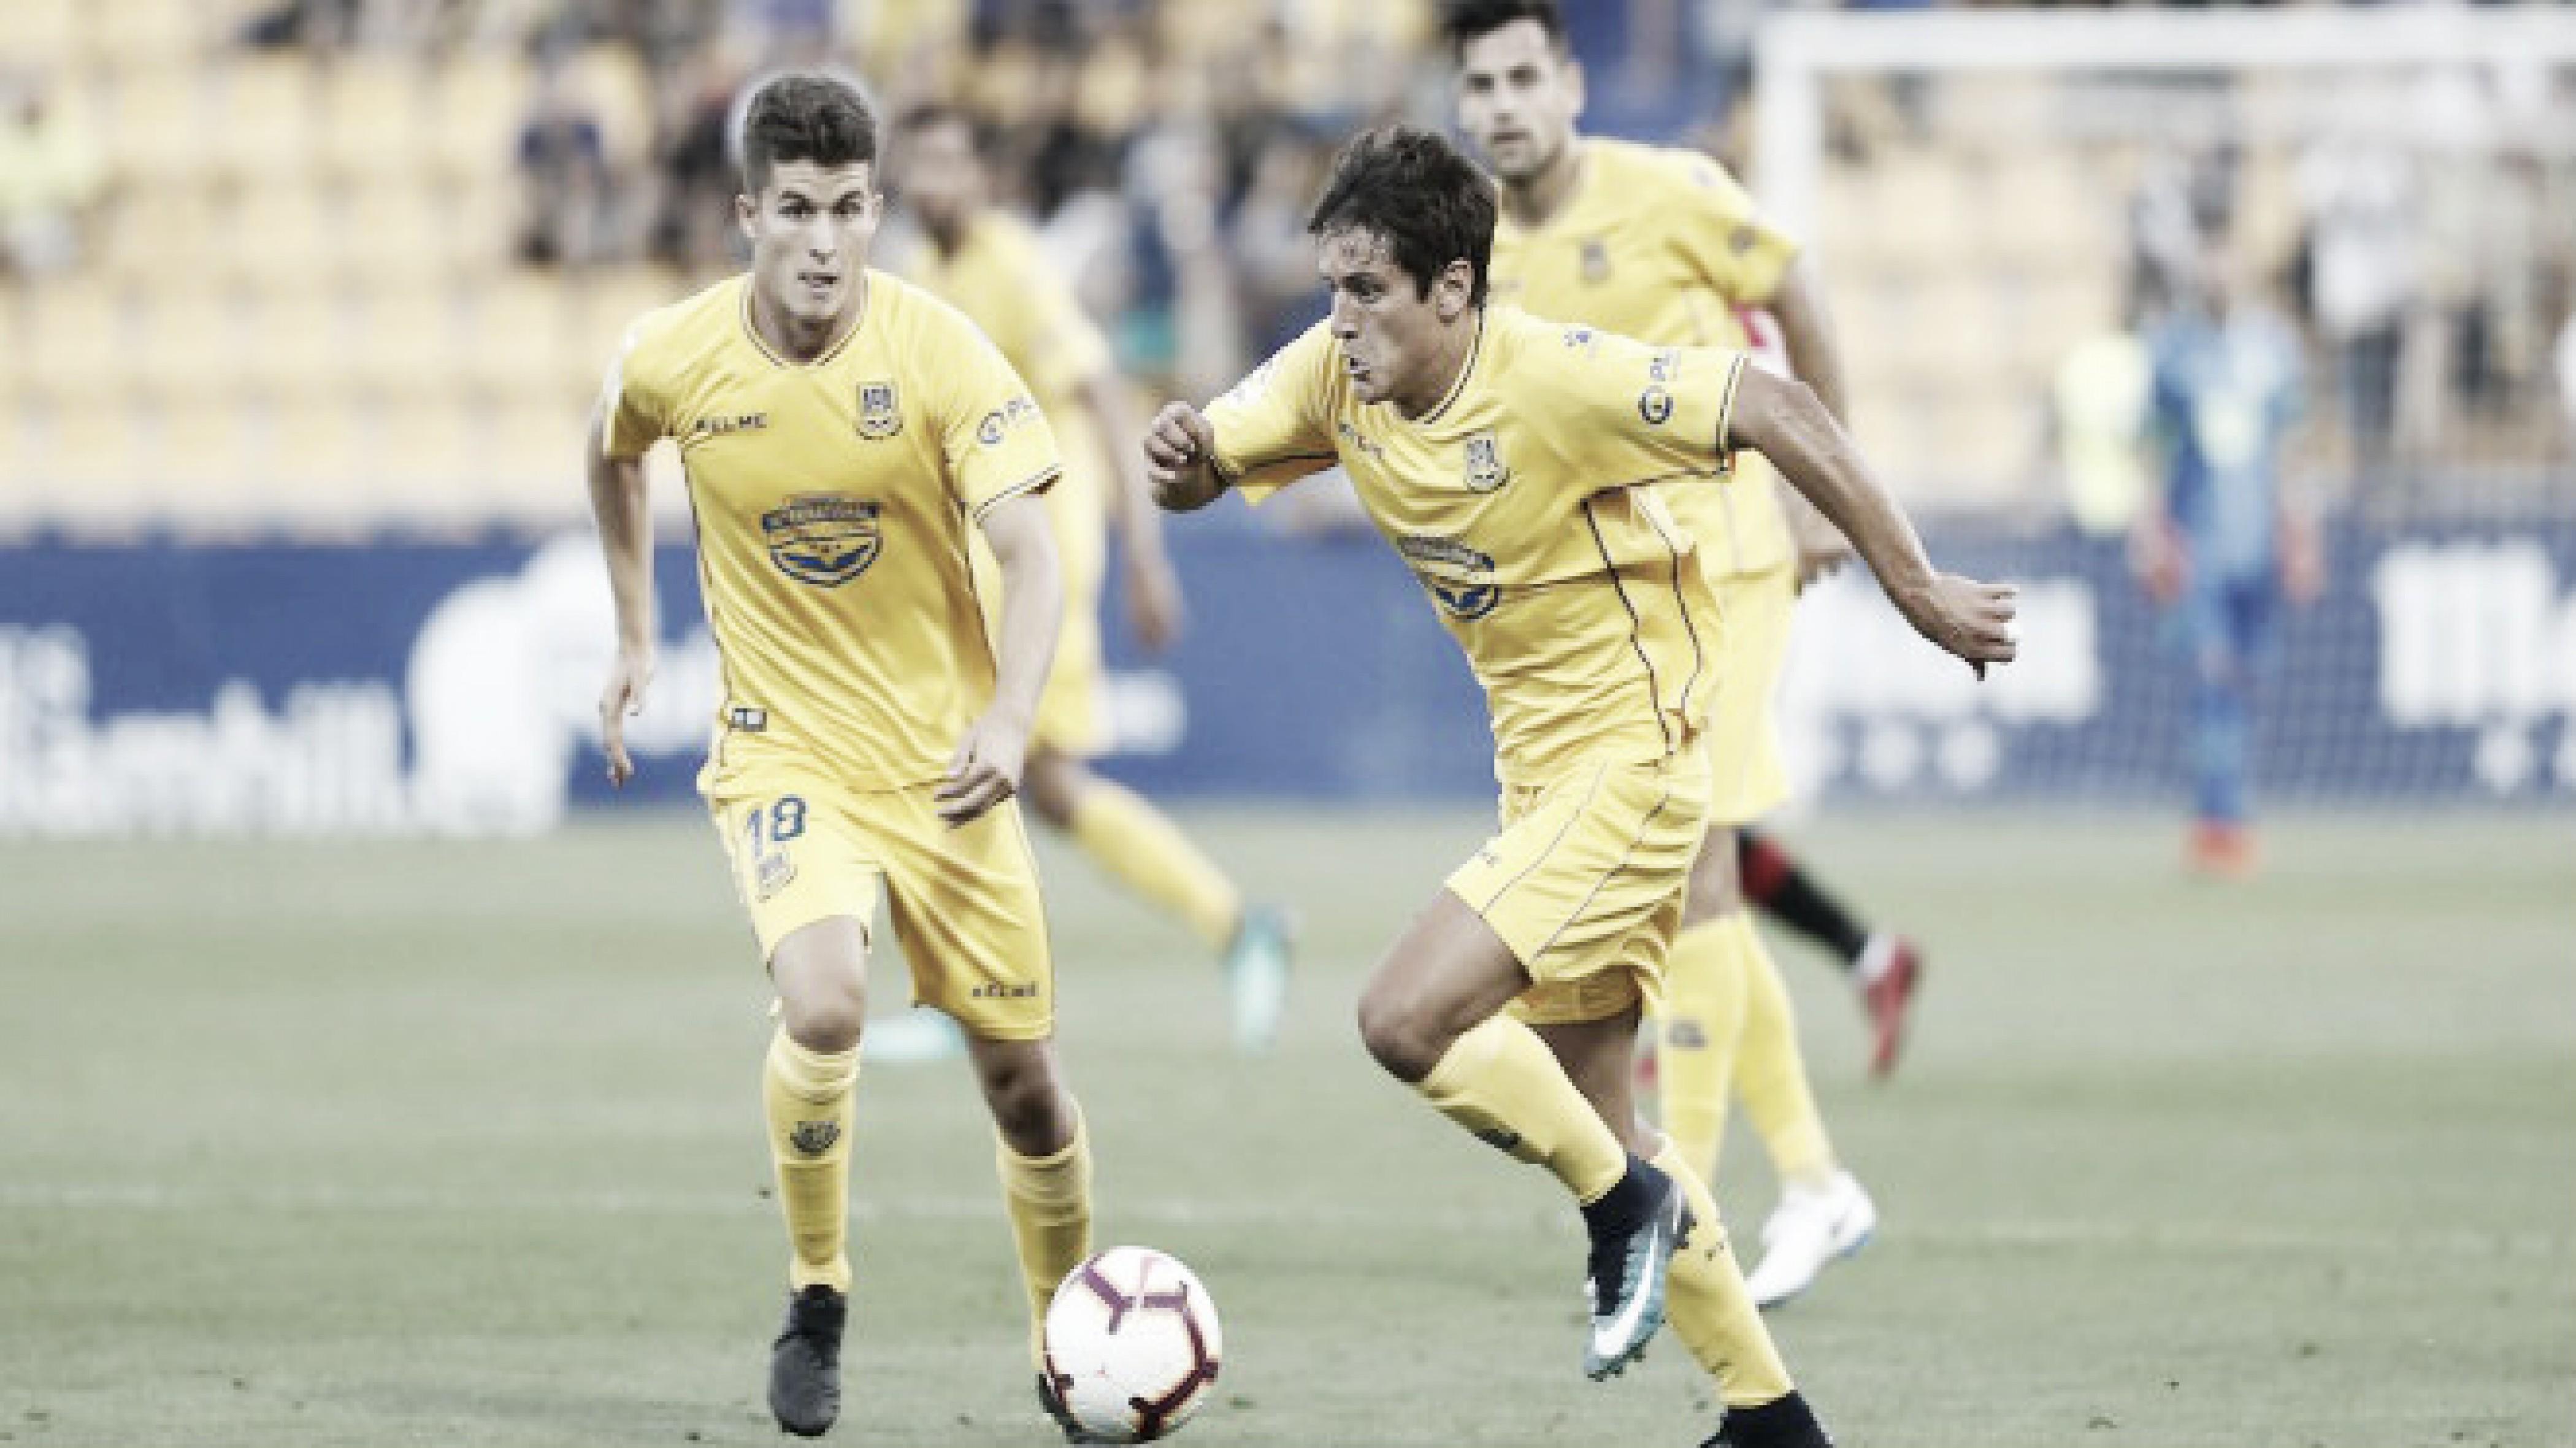 Previa Córdoba CF - AD Alcorcón: en busca del estreno a domicilio